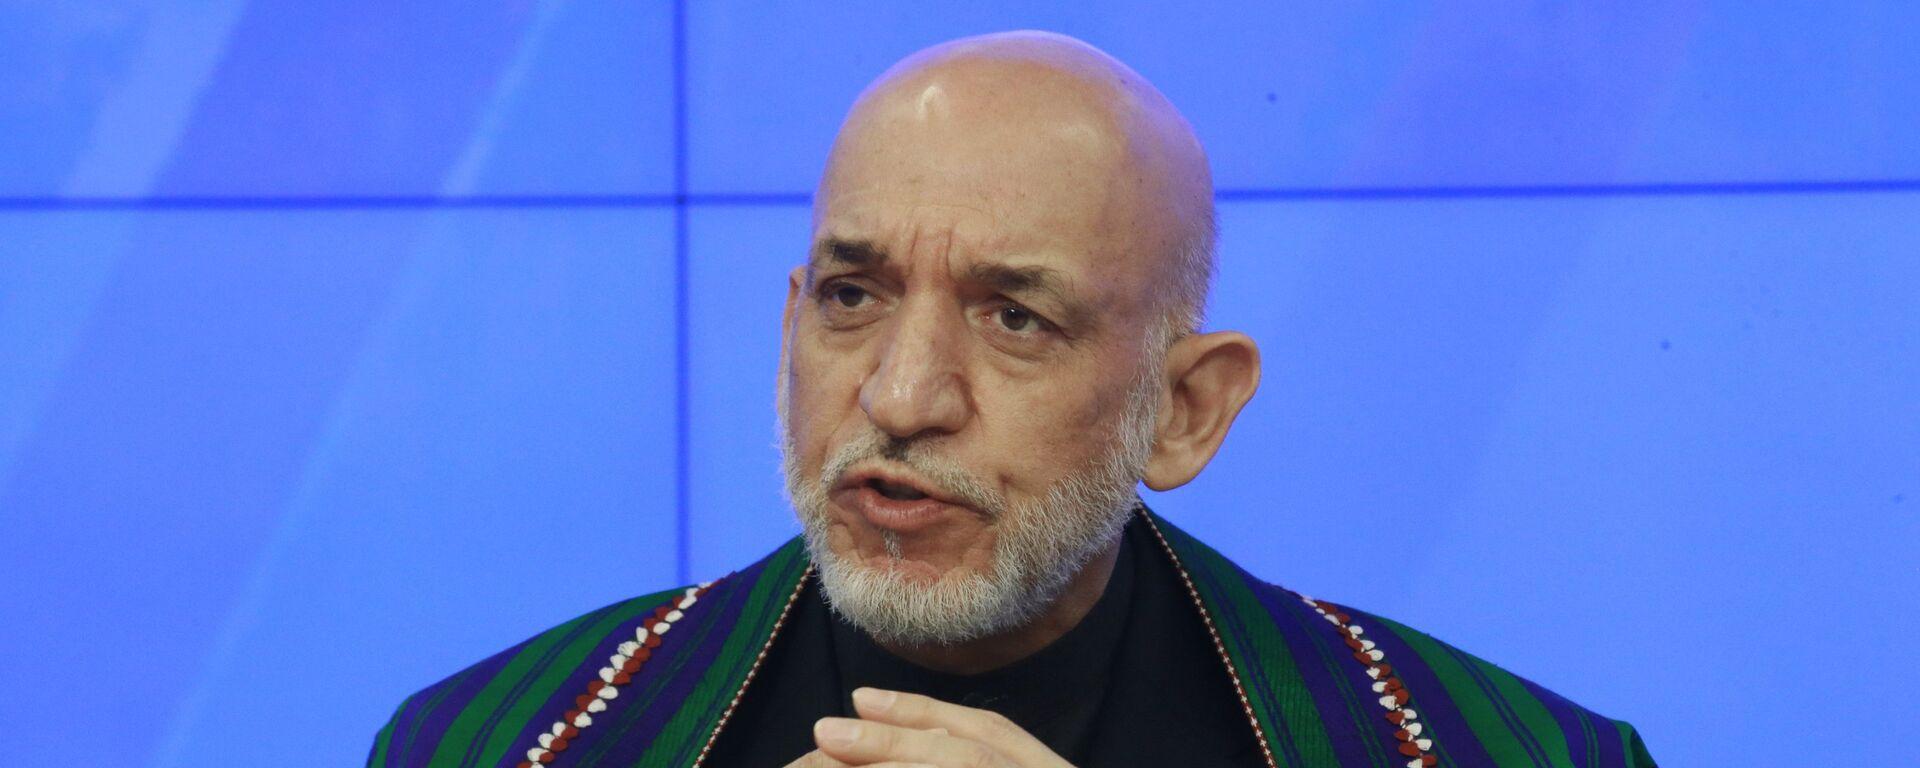 Экс-президент Исламской республики Афганистан Хамид Карзай - Sputnik Узбекистан, 1920, 11.06.2019